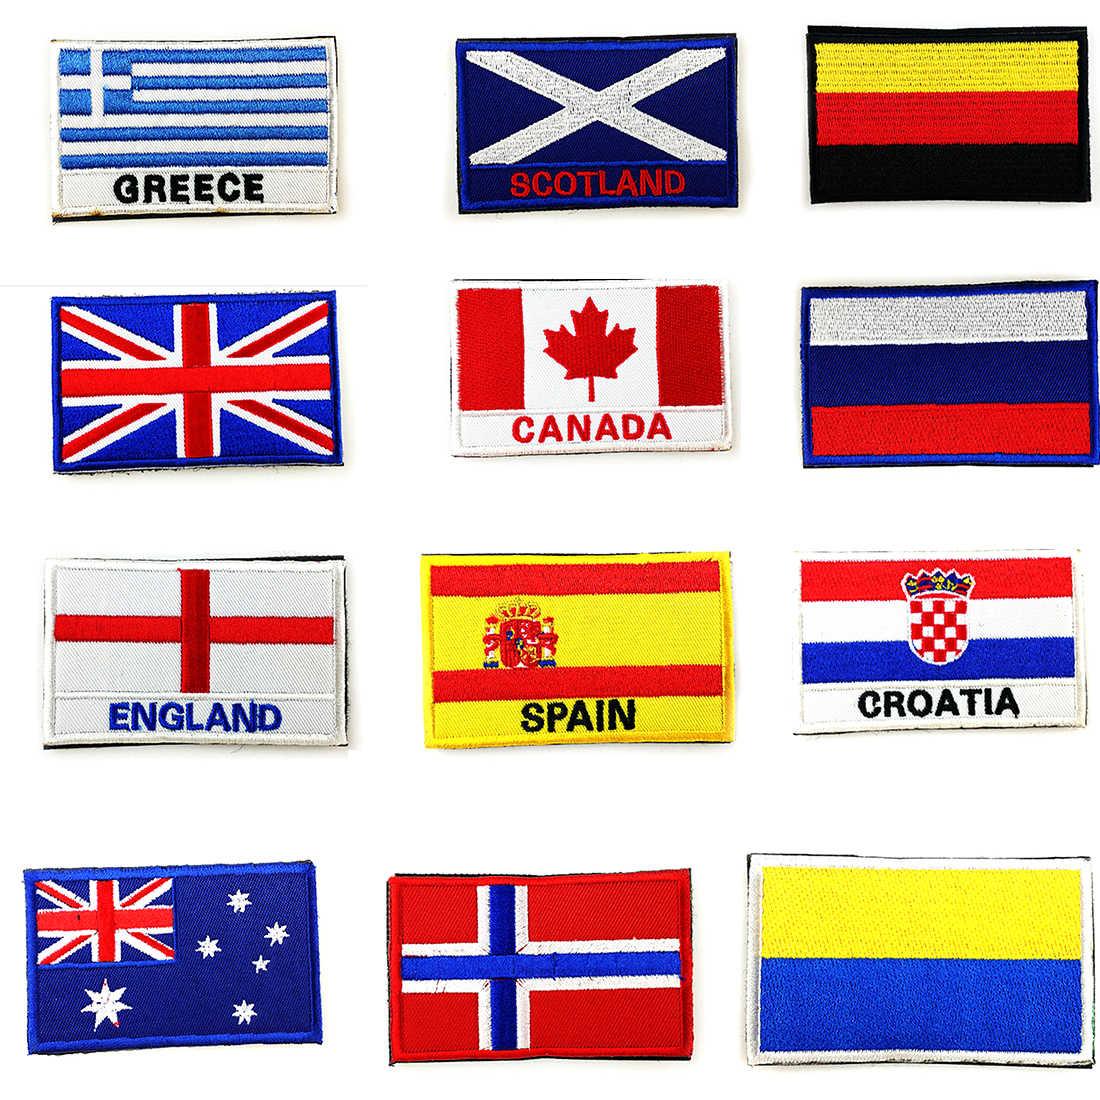 Parche bordado 3D con bandera de Alemania, Reino Unido, Japón, Israel, Corea, Egipto, parche para coser en la ropa, mochila con brazalete, aplique adhesivo